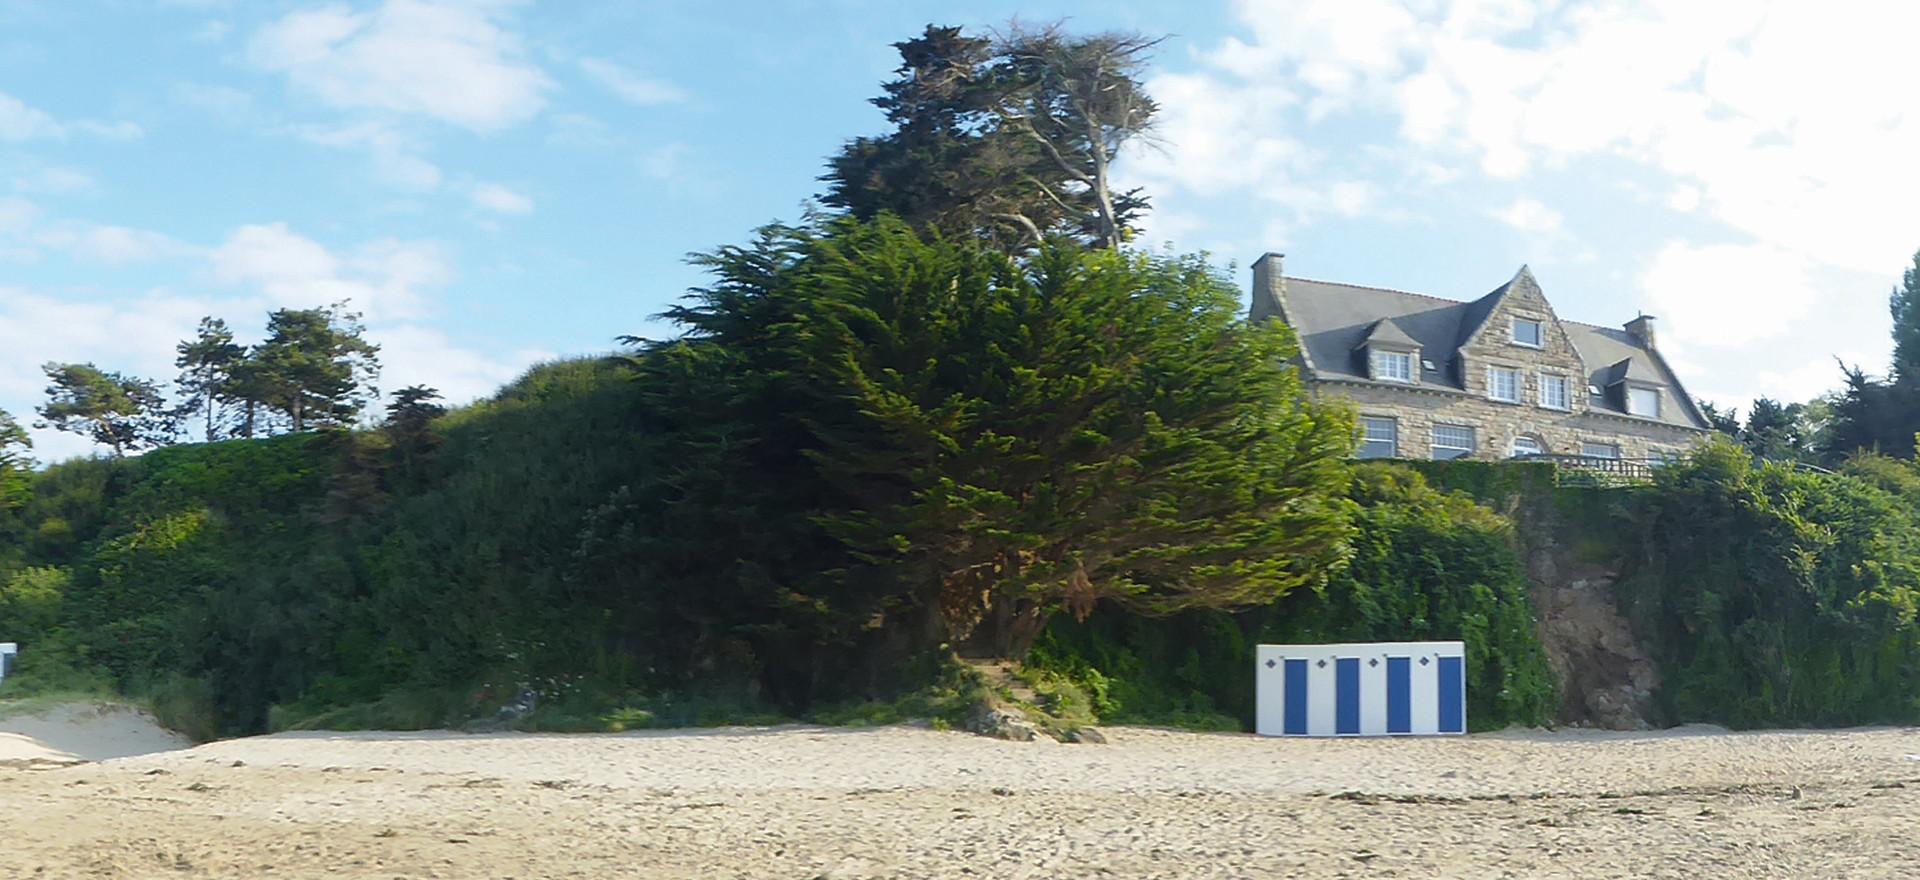 Le rougeret, Saint Jacut de la mer France